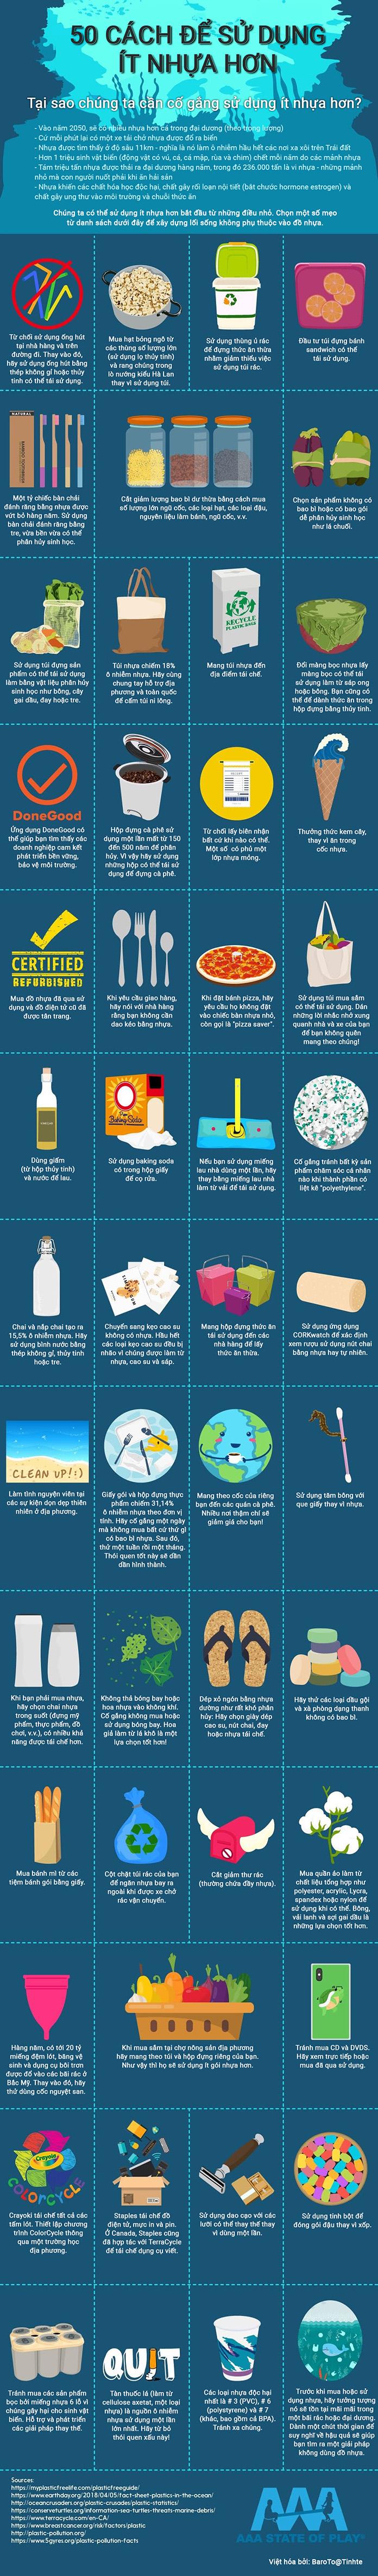 Rác thải nhựa đang là vấn đề nóng hơn bao giờ hết. Đặc biệt trong ngành thực phẩm của chúng ta. Việc hạn chế sử dụng đồ nhựa sẽ giúp